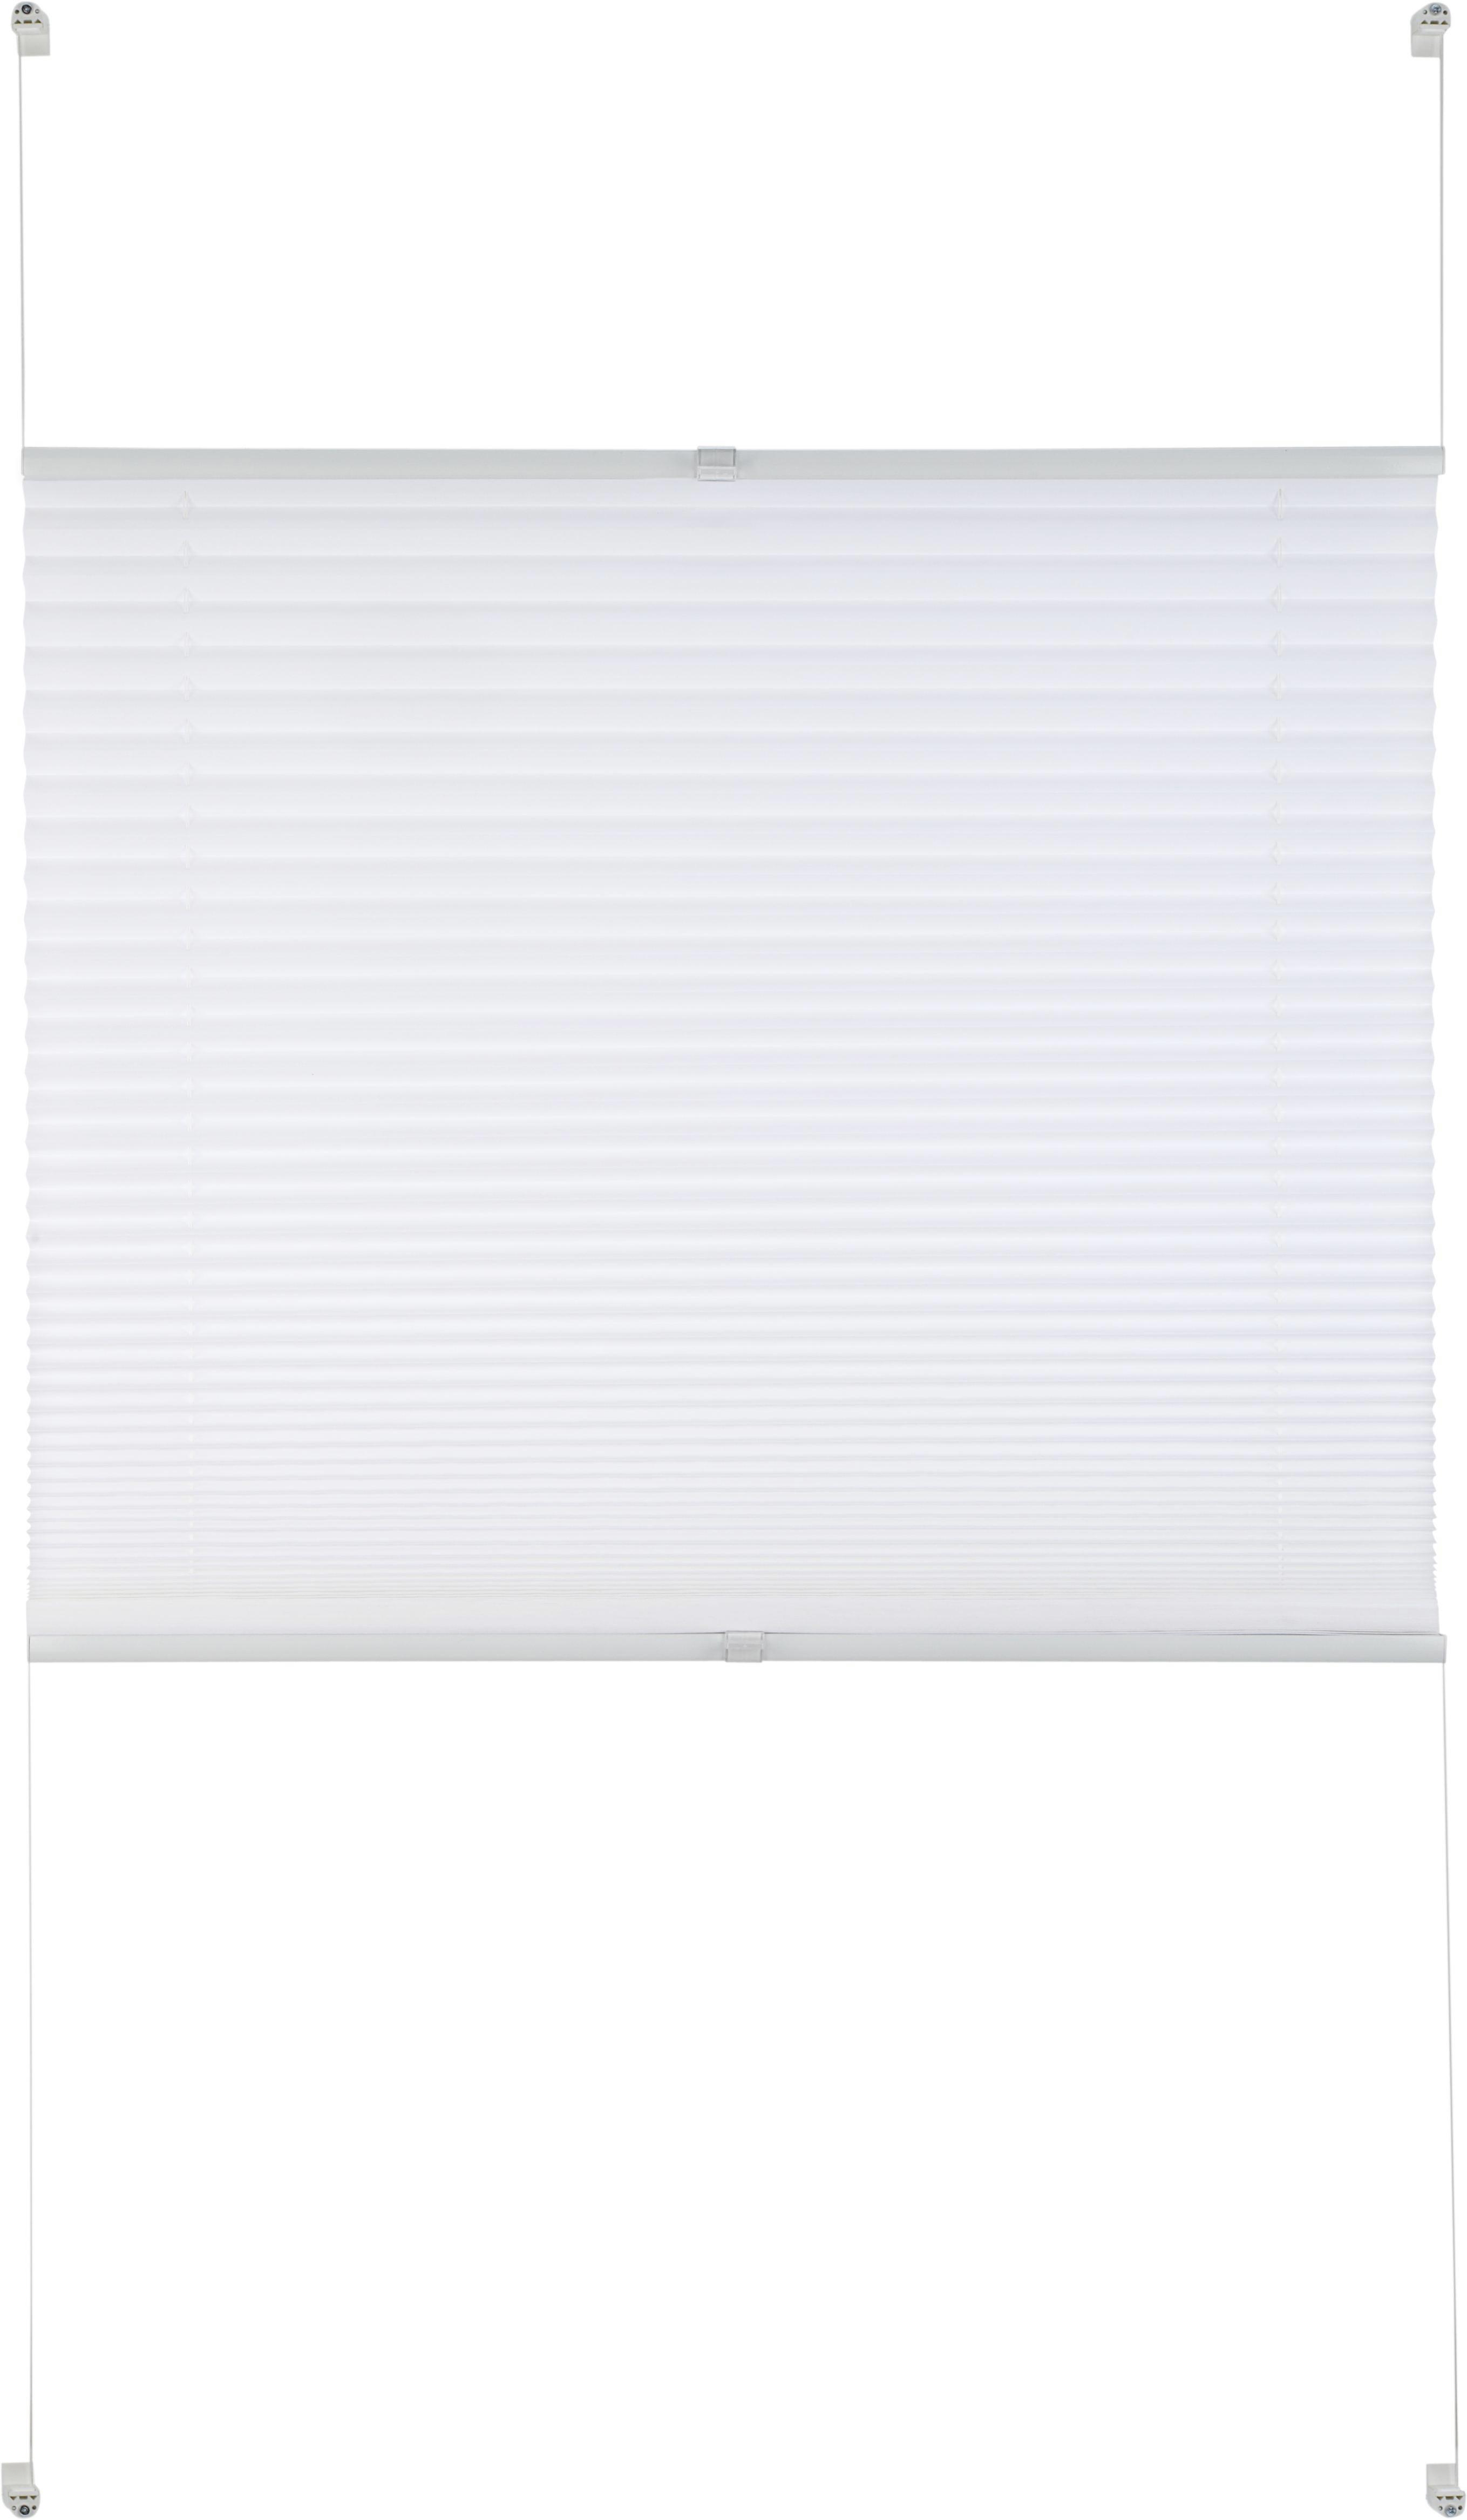 Plissee Free in Weiß, ca. 50x130cm - Weiß, Textil (50/130cm) - PREMIUM LIVING